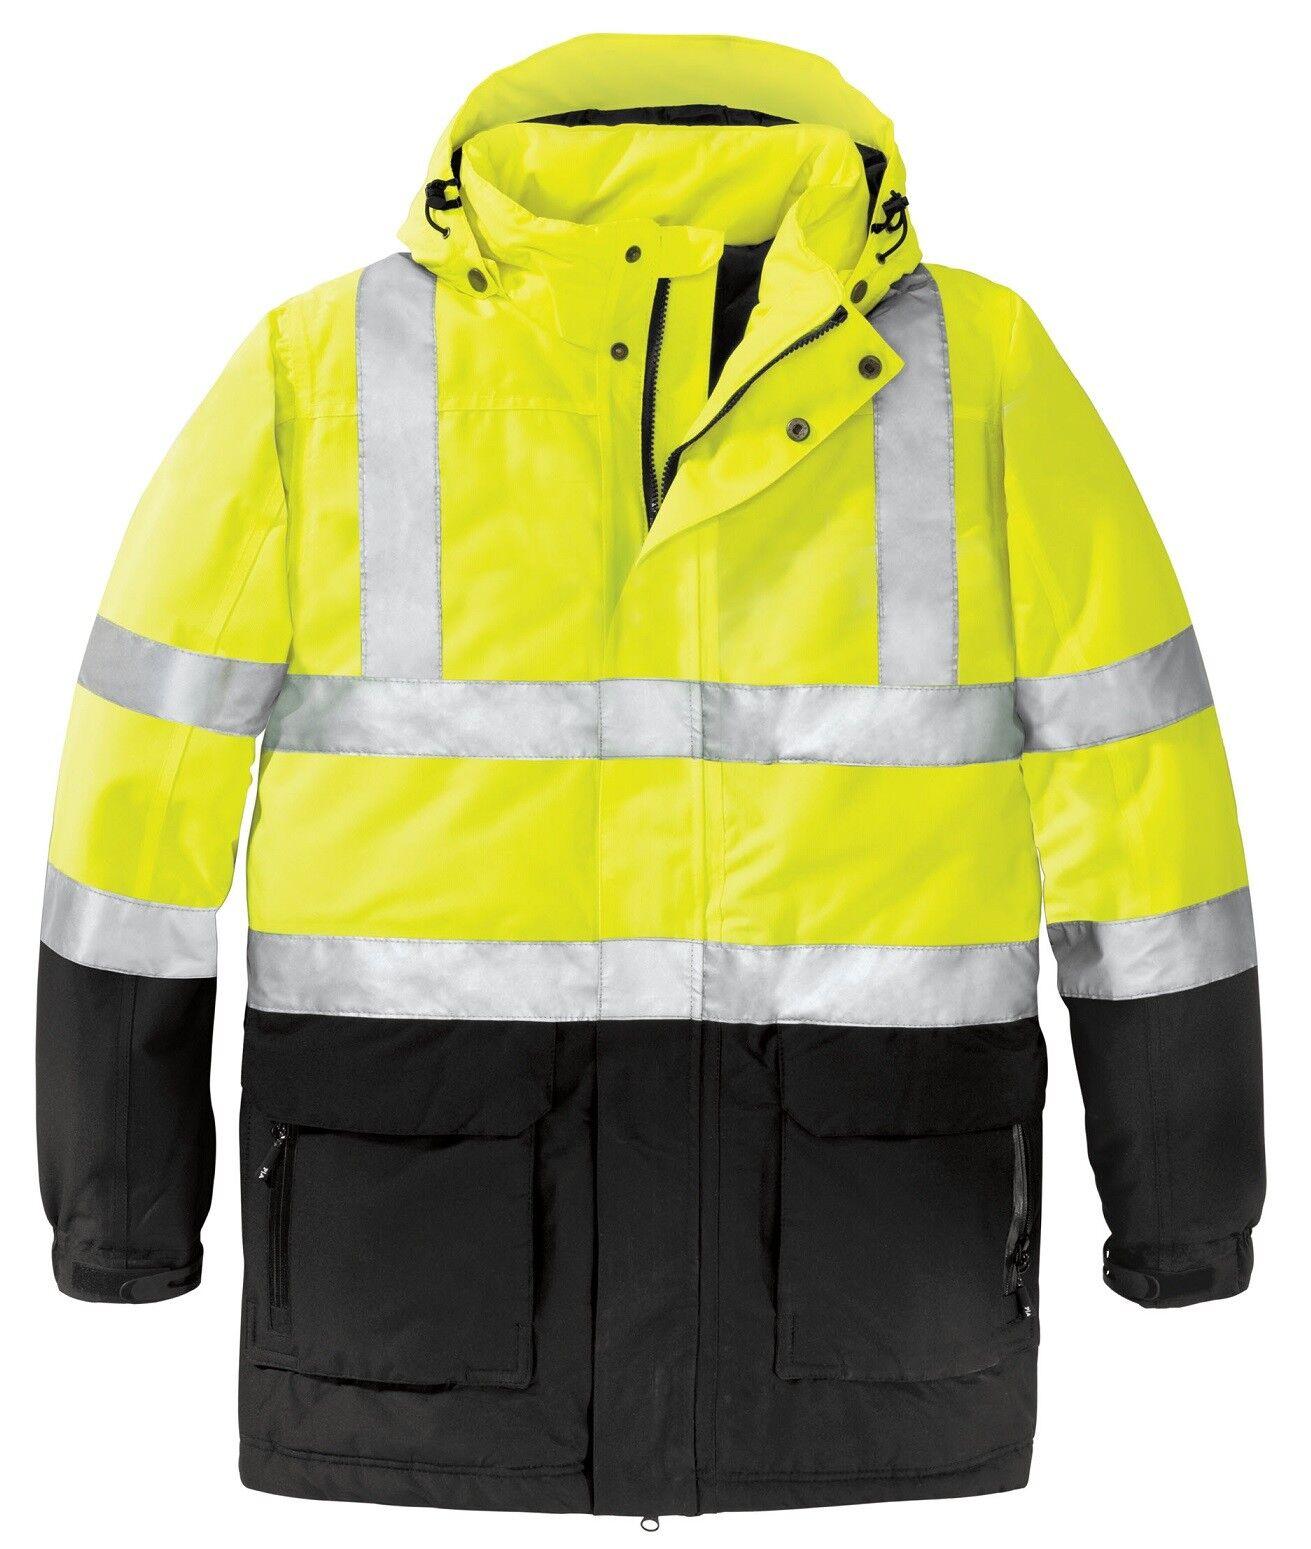 MEN'S CLASS 3, SAFETY HEAVYWEIGHT COAT, REFLECTIVE, WATERPROOF, HOOD, XL-4XL